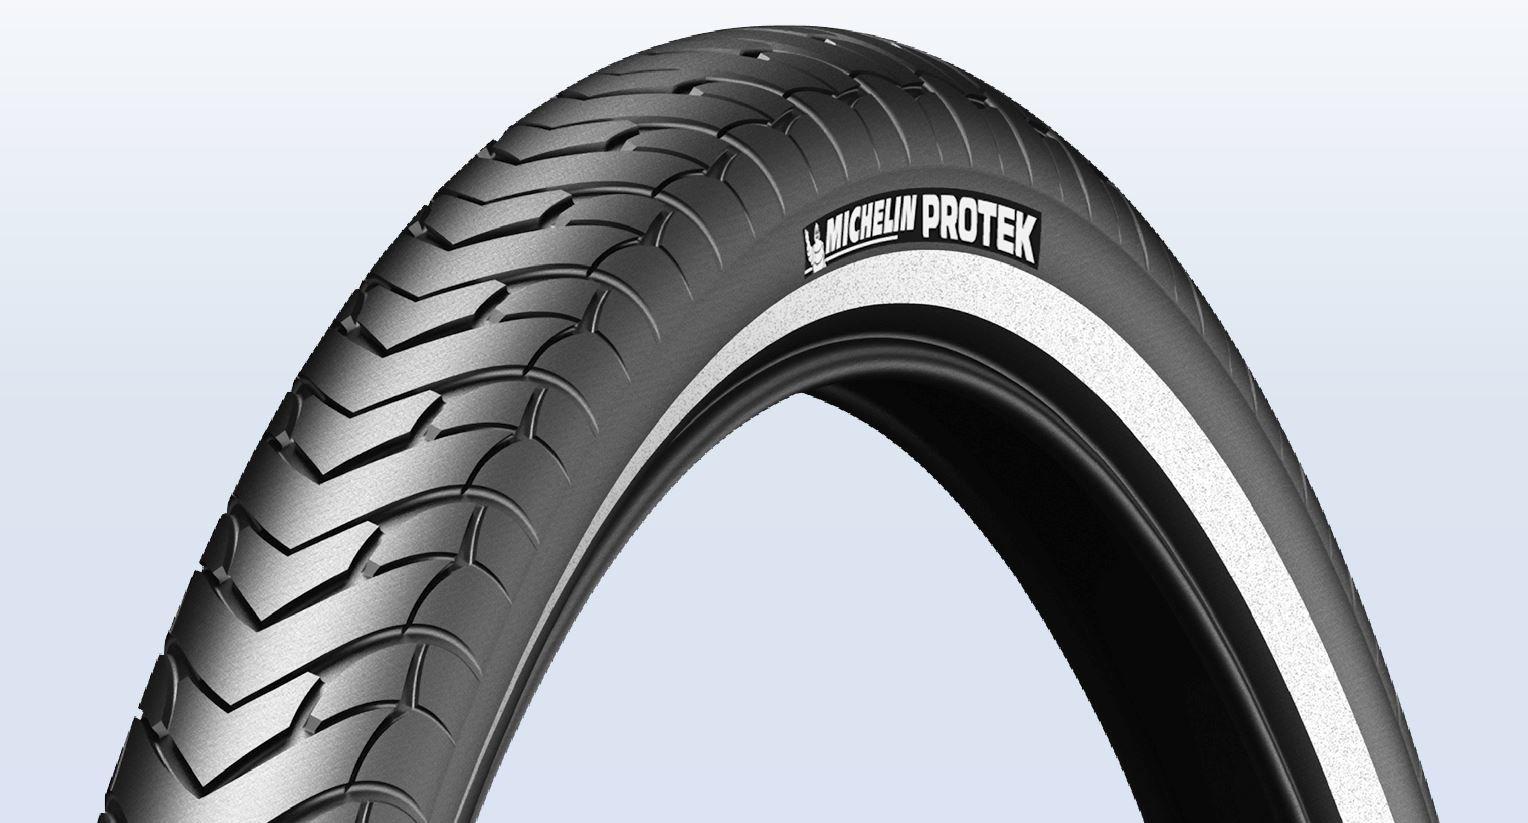 Plášť Michelin Protek 32-622 černý s reflexním pruhem, drát